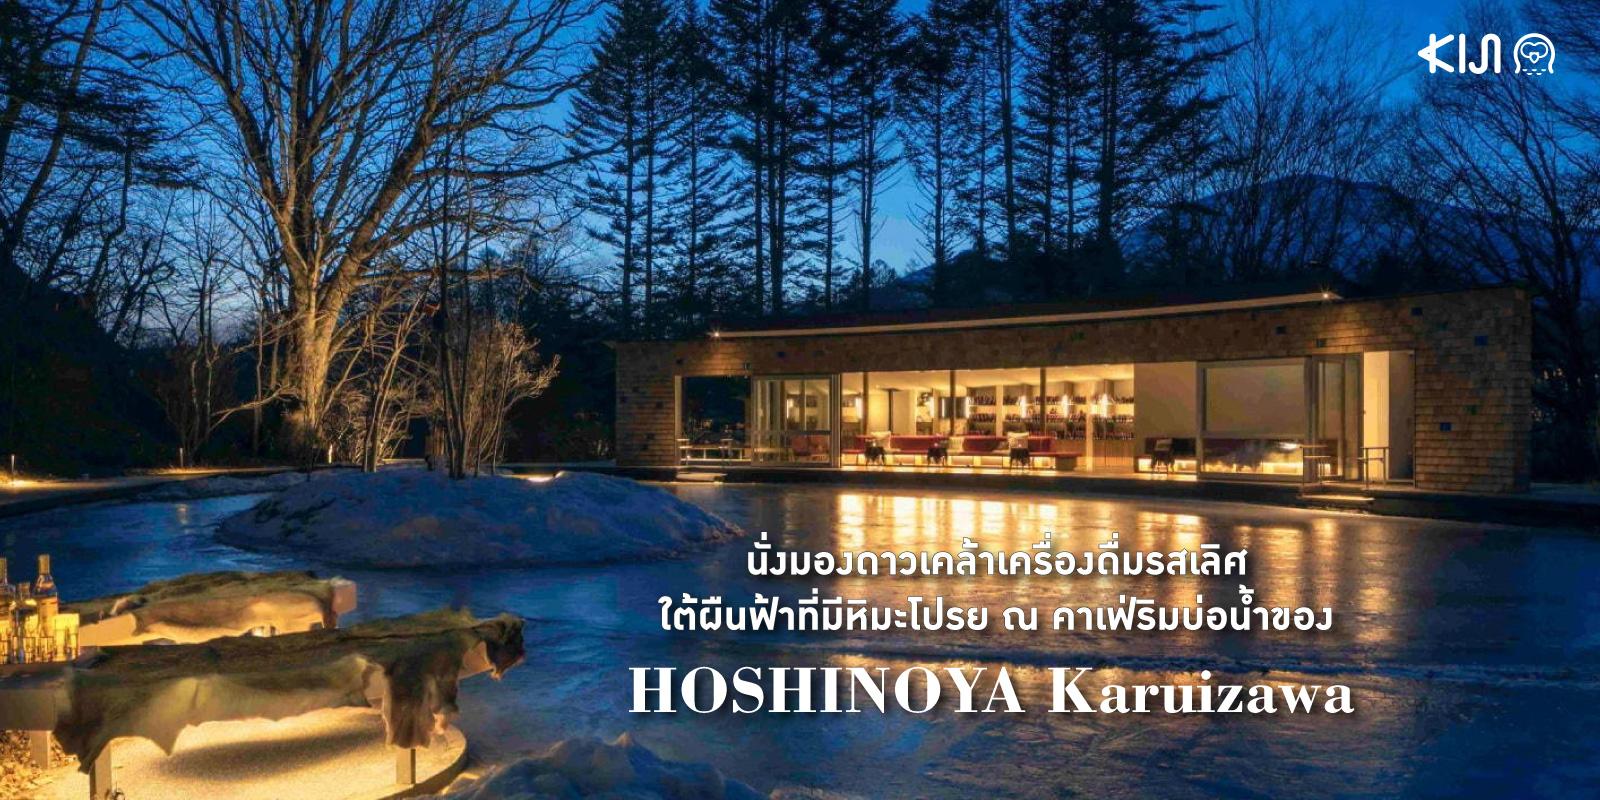 HOSHINOYA Karuizawa รีสอร์ทสุดหรูที่มาพร้อมบาร์และคาเฟ่กลางป่าเขาที่เปิดให้บริการเฉพาะในฤดูหนาวเท่านั้น